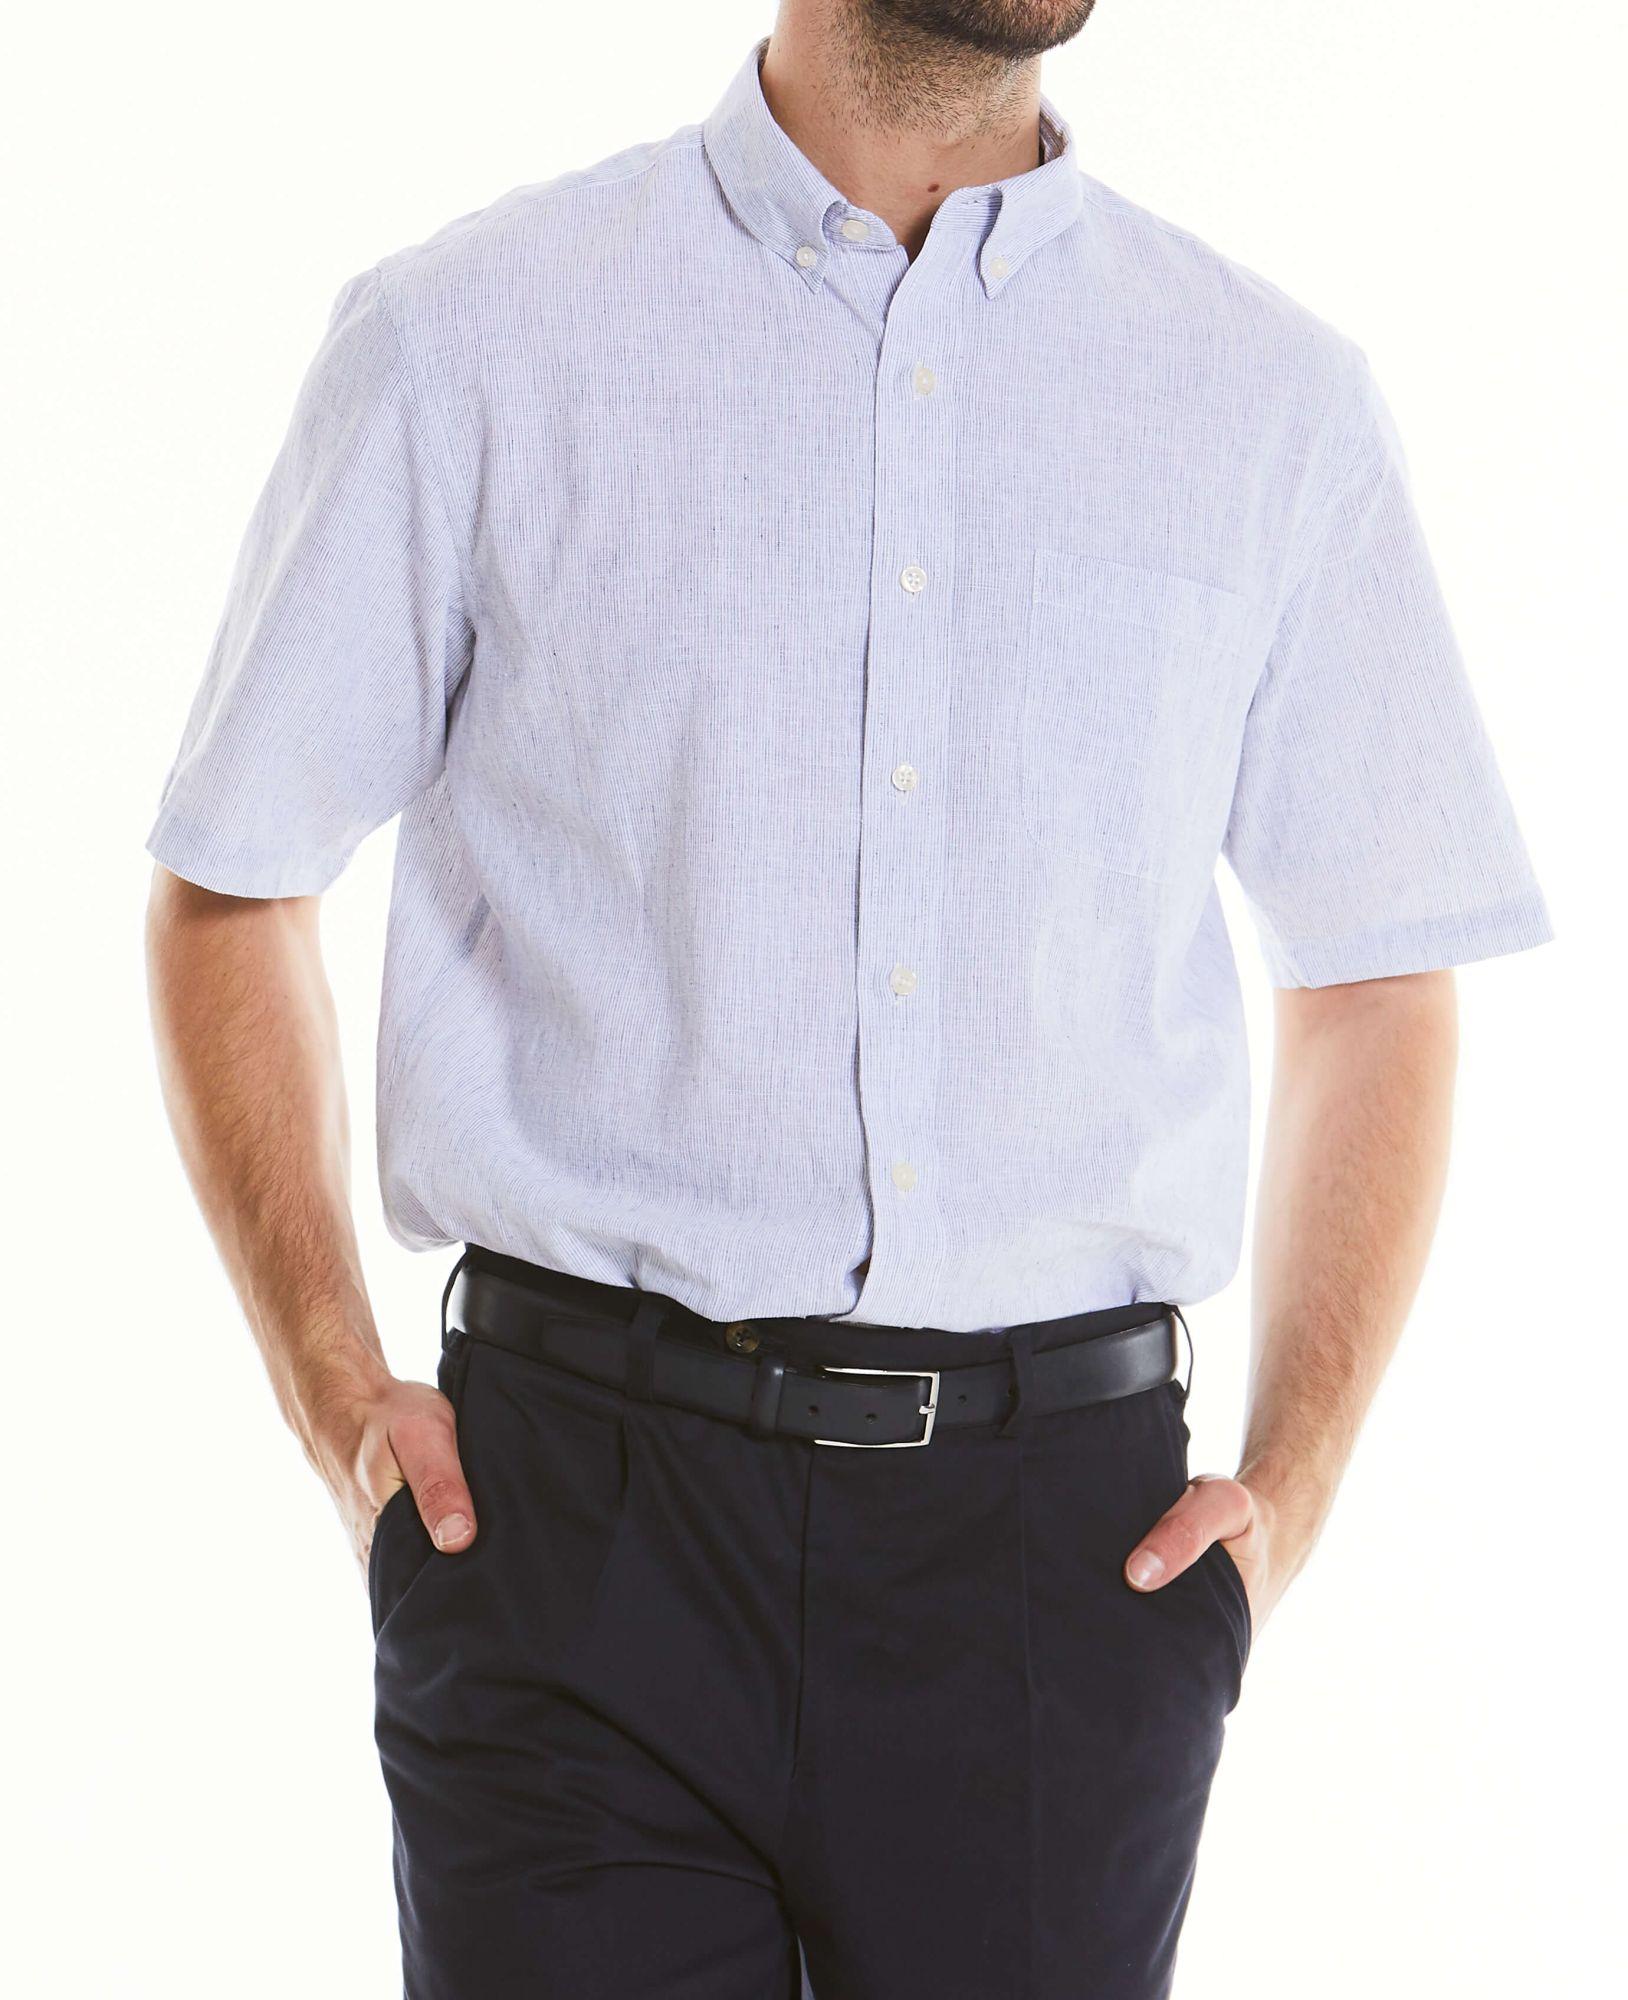 Men's Tops White Navy Stripe Linen-Blend Short Sleeve Shirt XXL